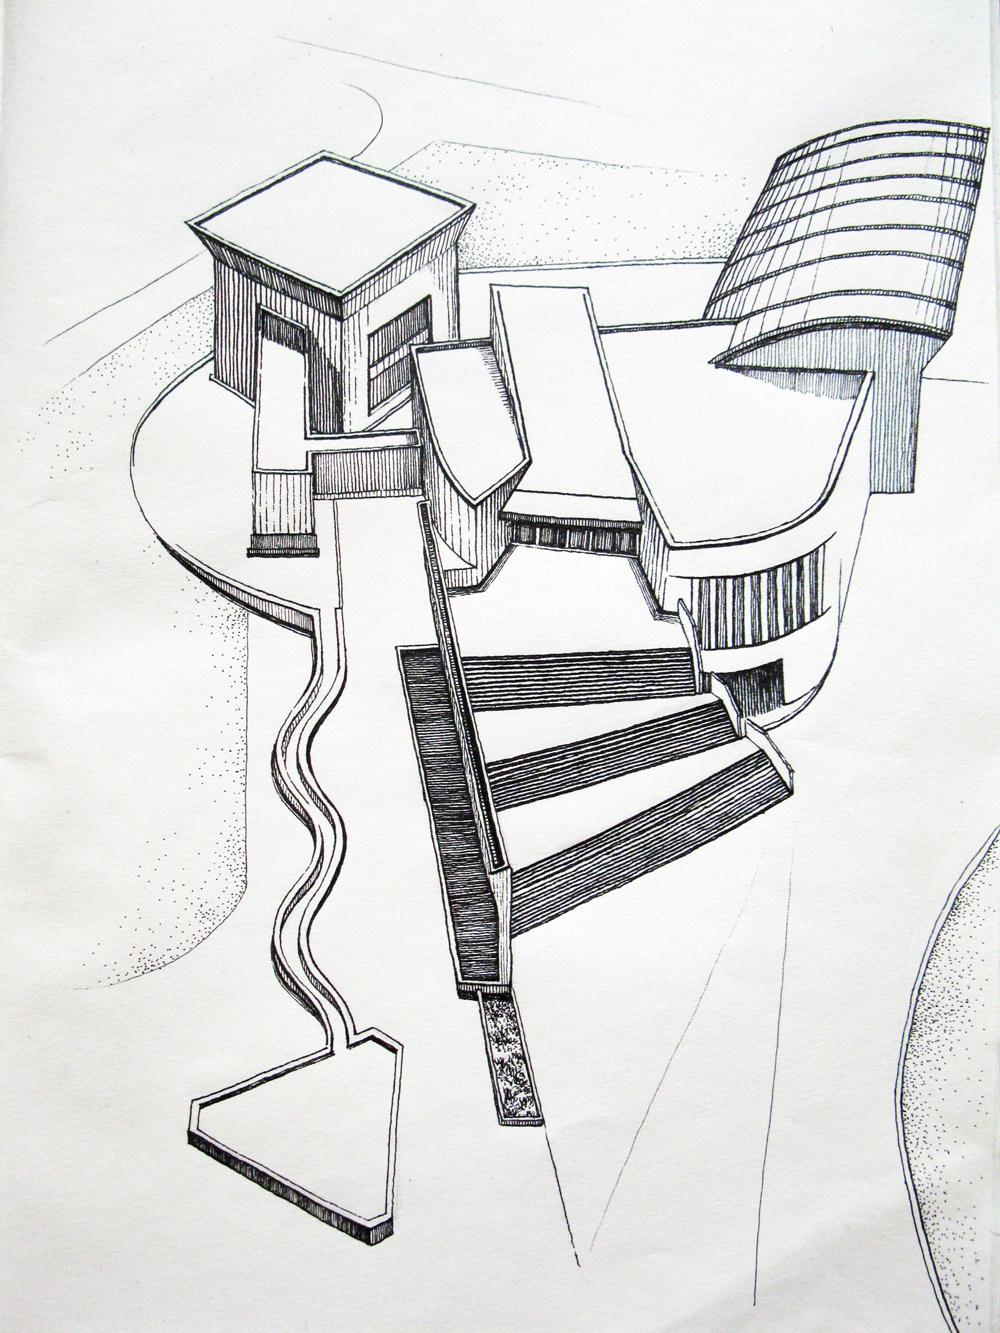 建筑手绘 |插画|其他插画|累的嘎嘎 - 原创作品